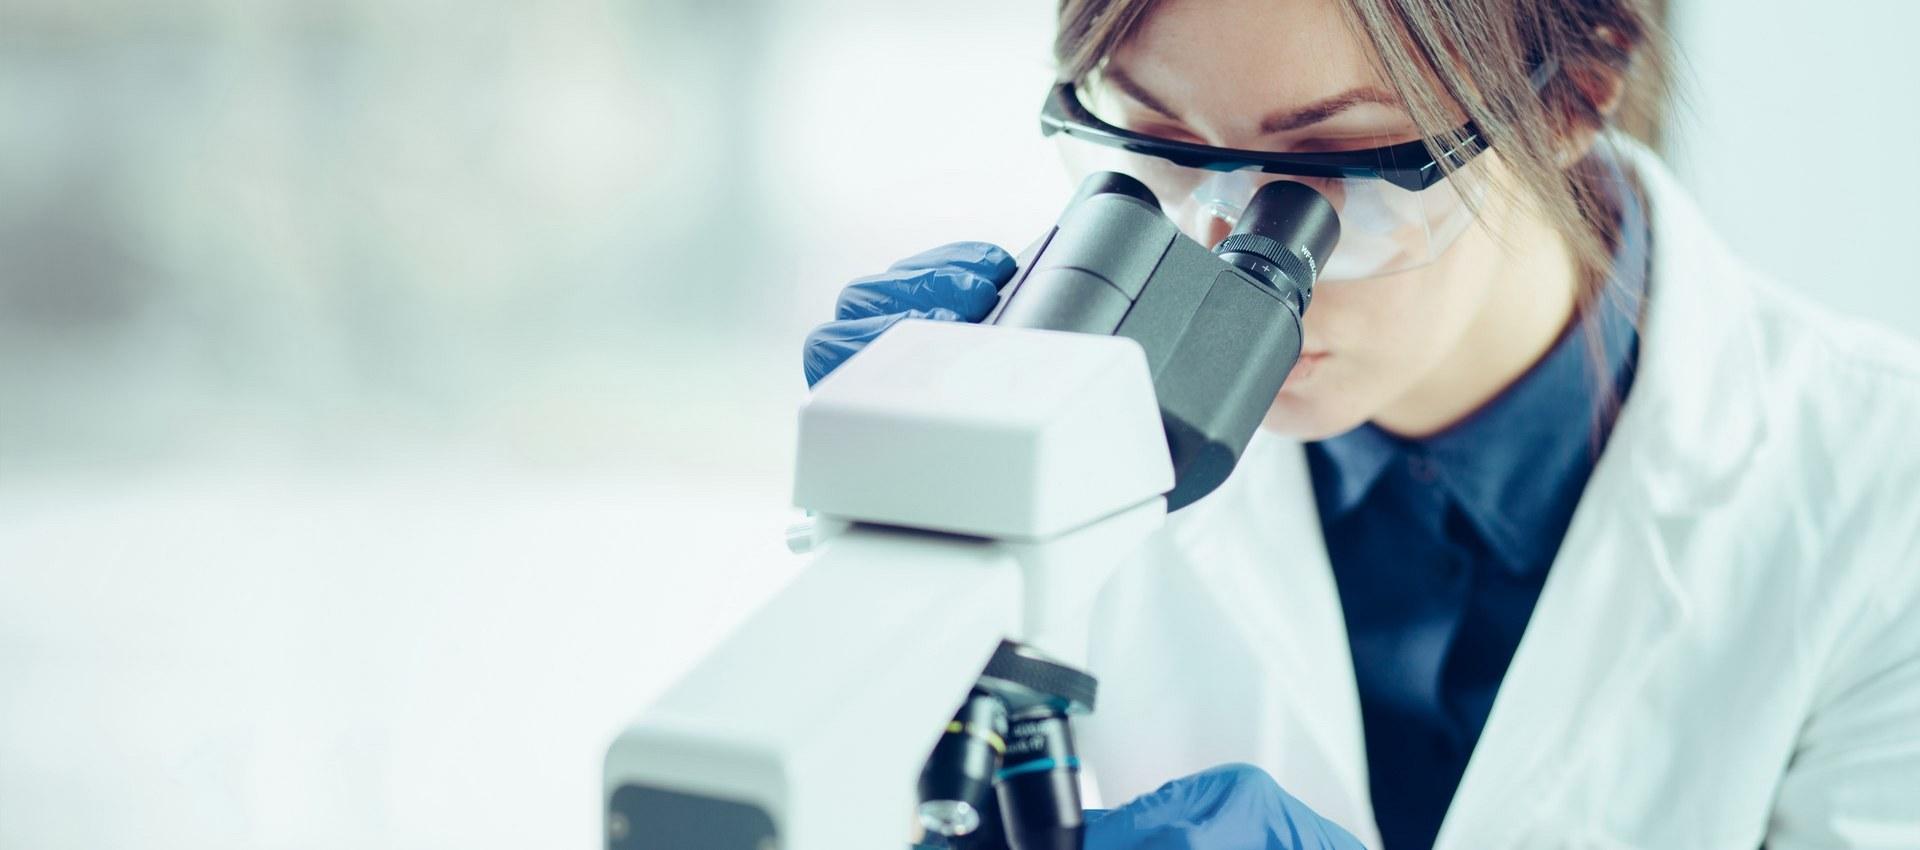 arclabs xhmika mikroviologika ergasthria symvouleftikes yphresies - ΣΥΜΒΟΥΛΕΥΤΙΚΕΣ ΥΠΗΡΕΣΙΕΣ